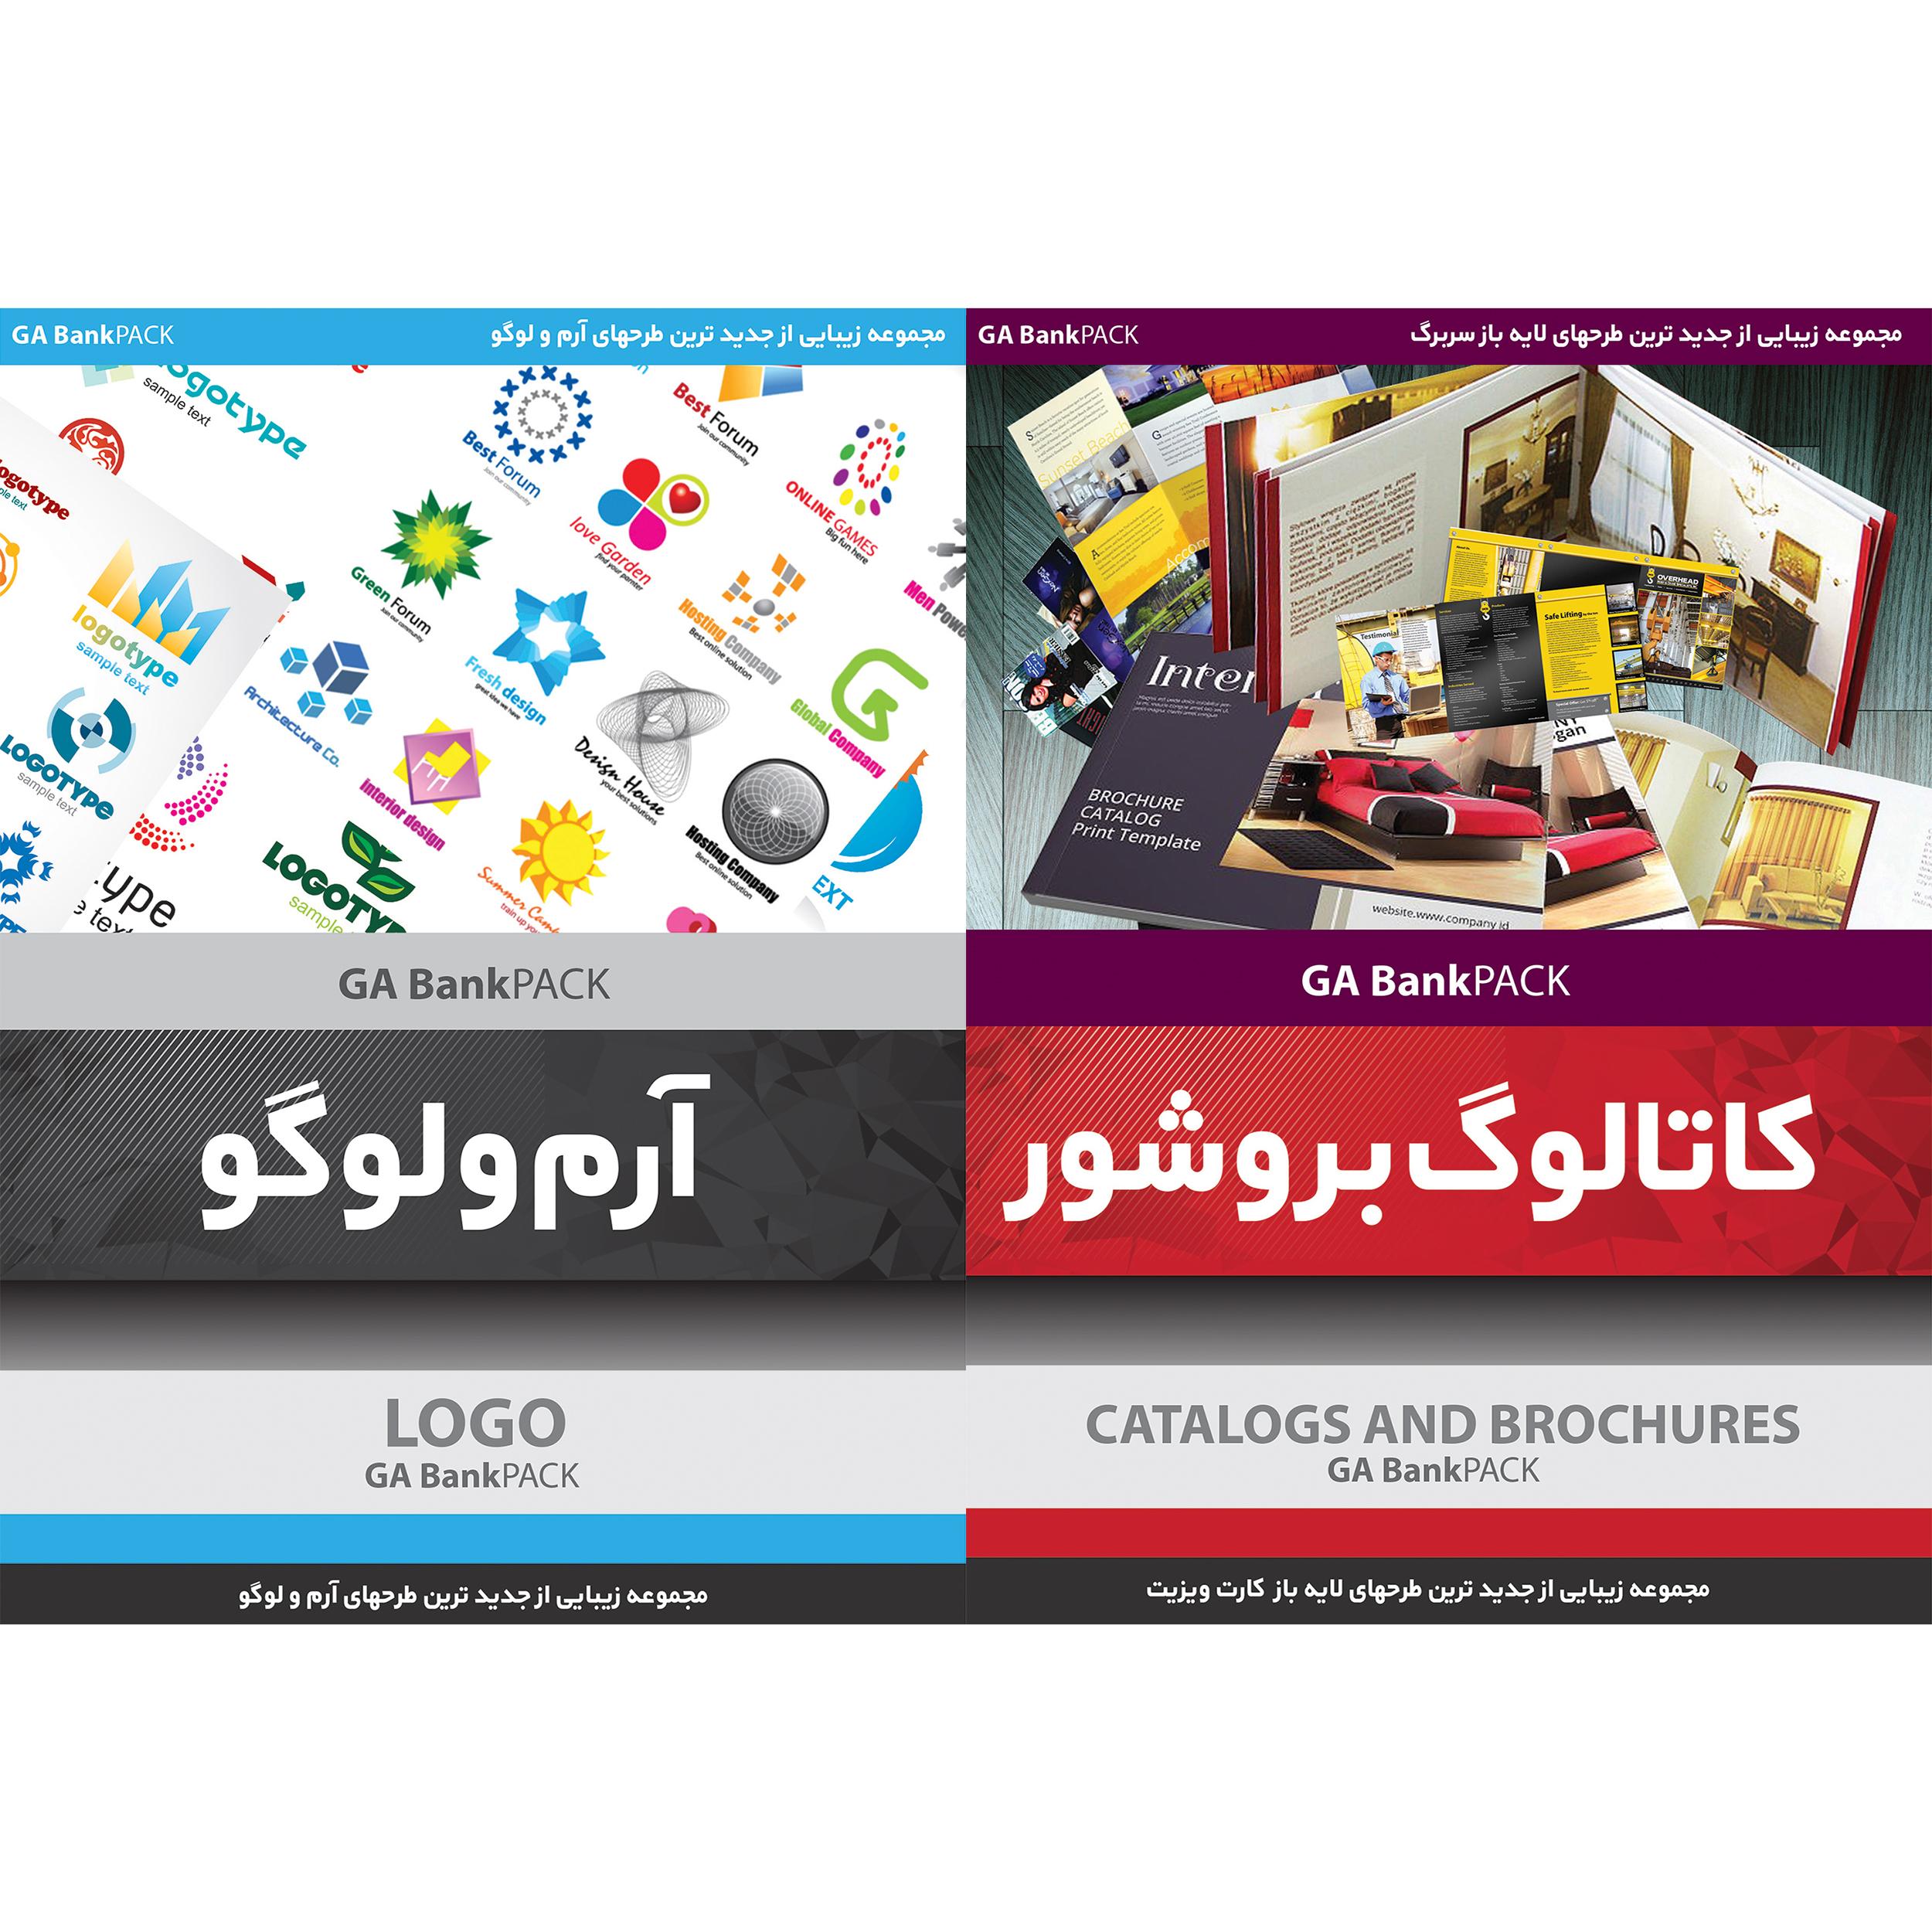 مجموعه طرح های لایه باز کاتالوگ بروشور نشر جی ای بانک به همراه مجموعه طرح های آرم و لوگو نشر جی ای بانک